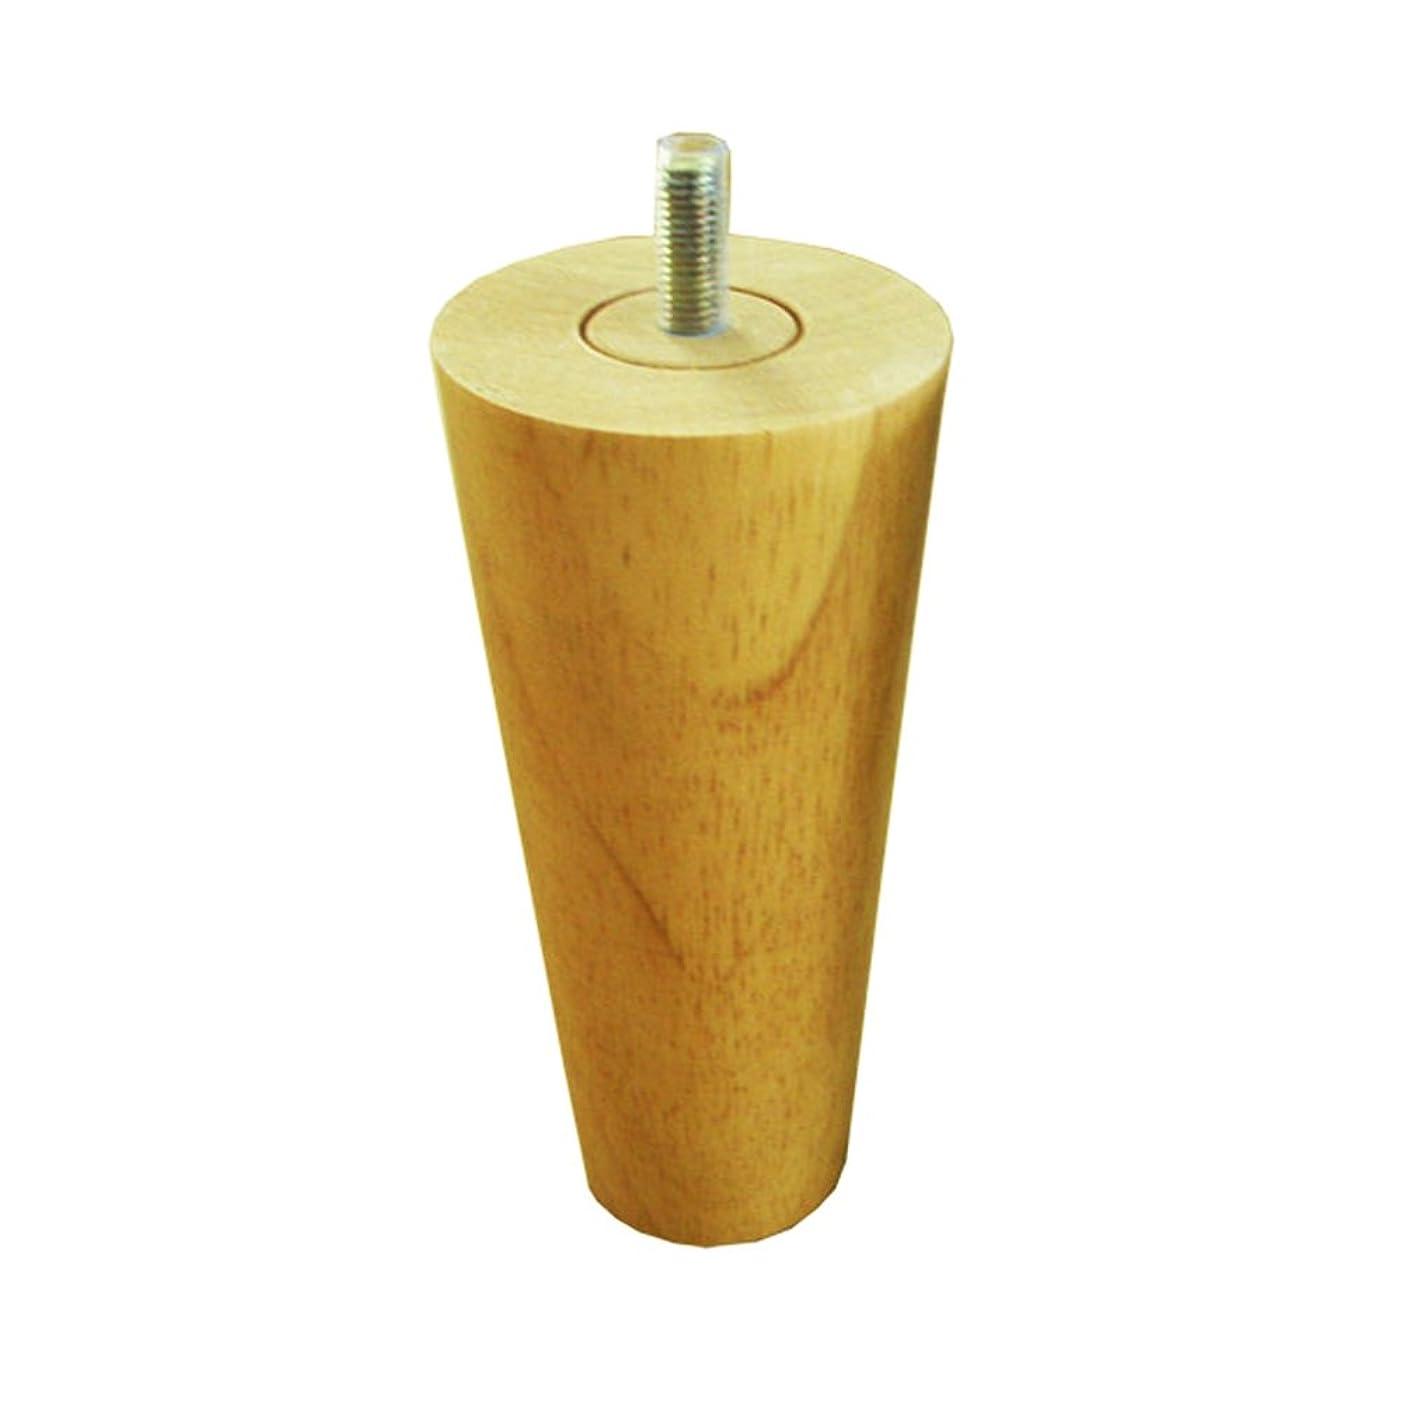 オゾンに対応する輸送Homeland 木製脚 ソファー足 キャビネットの脚 2個セット